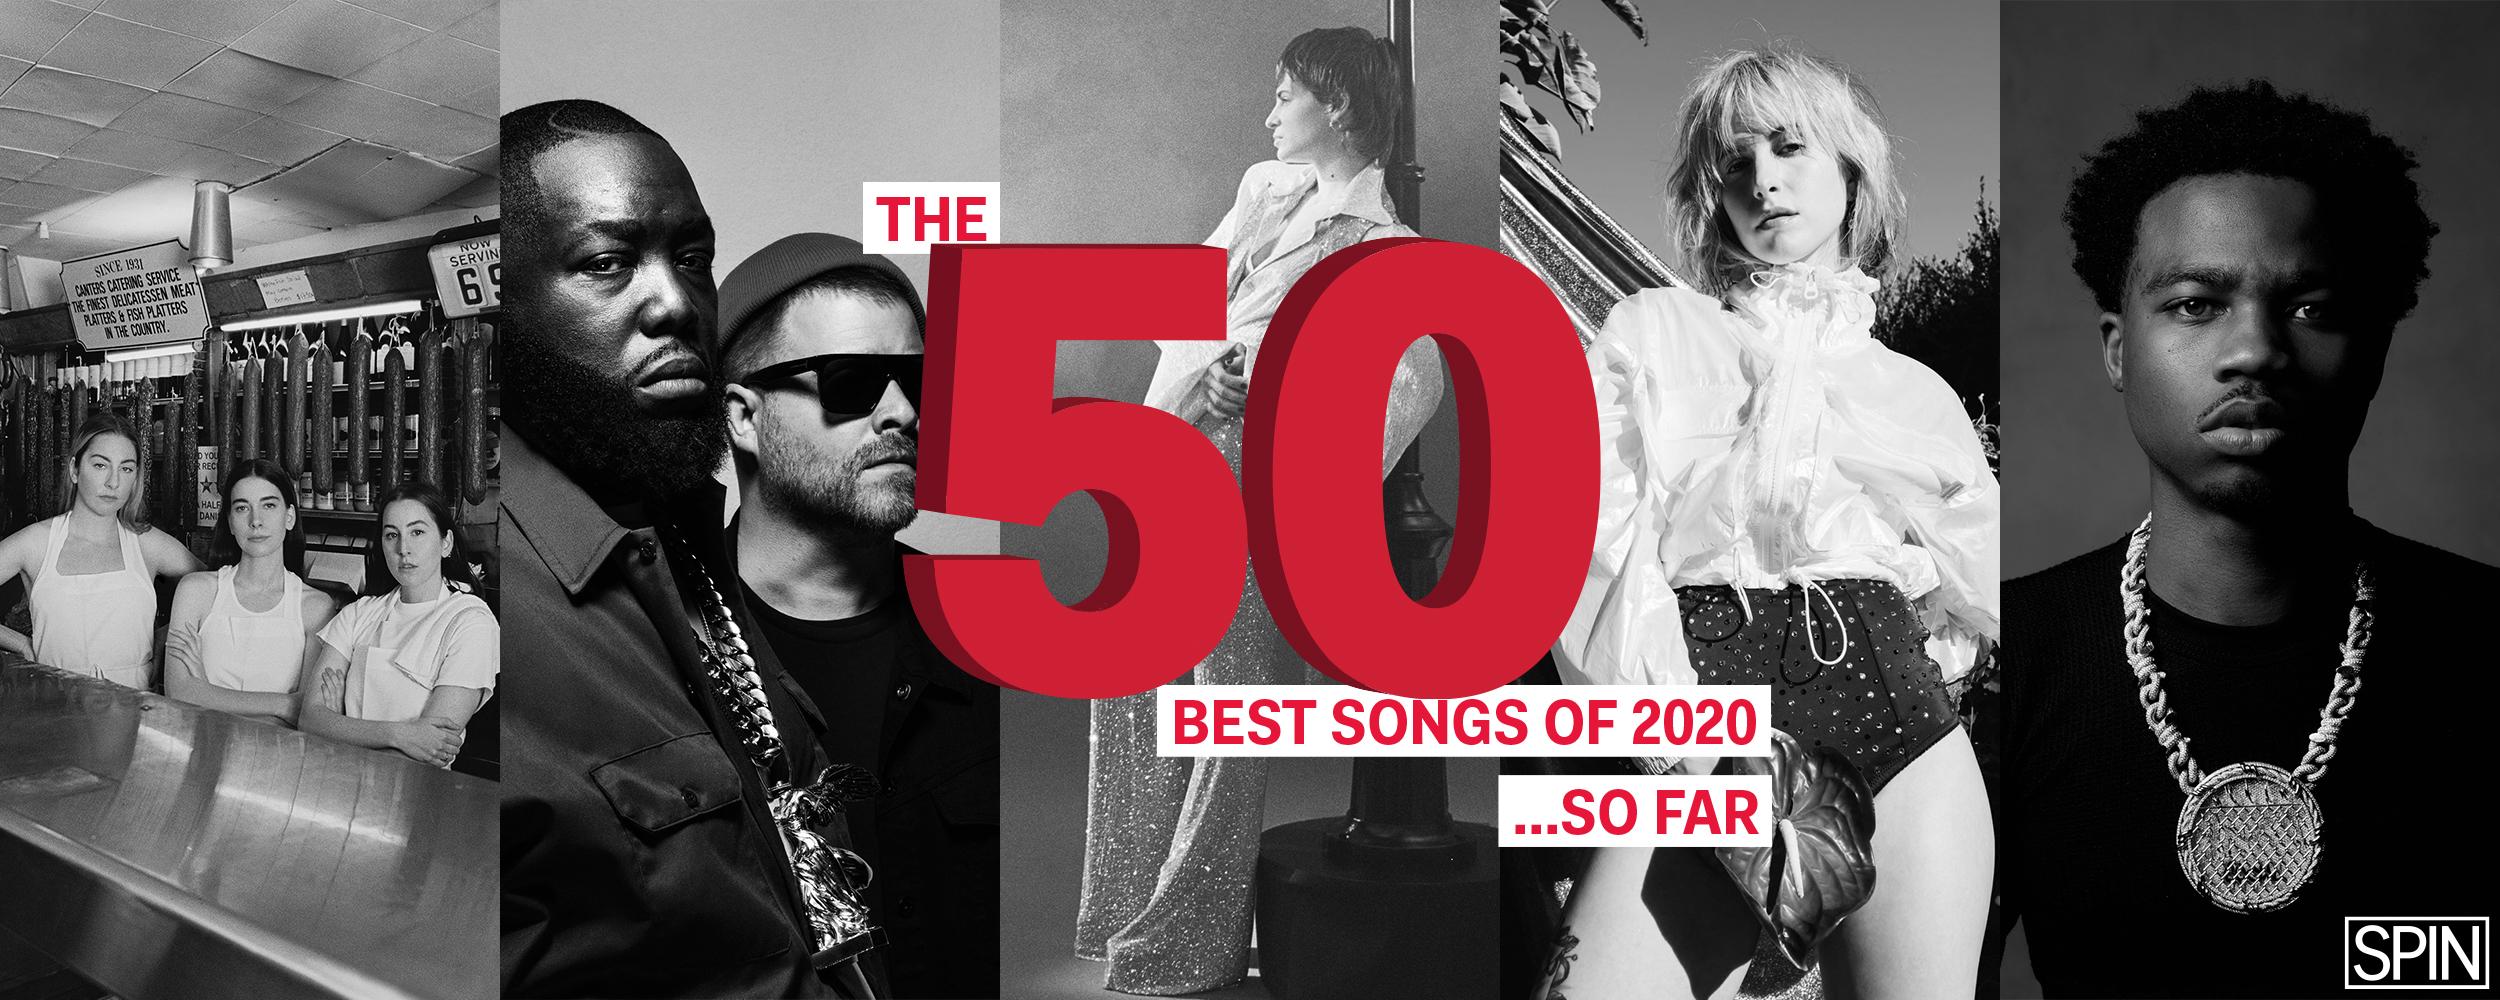 SPIN-Best-50_Songs-2020-SoFar-BW-1590869093